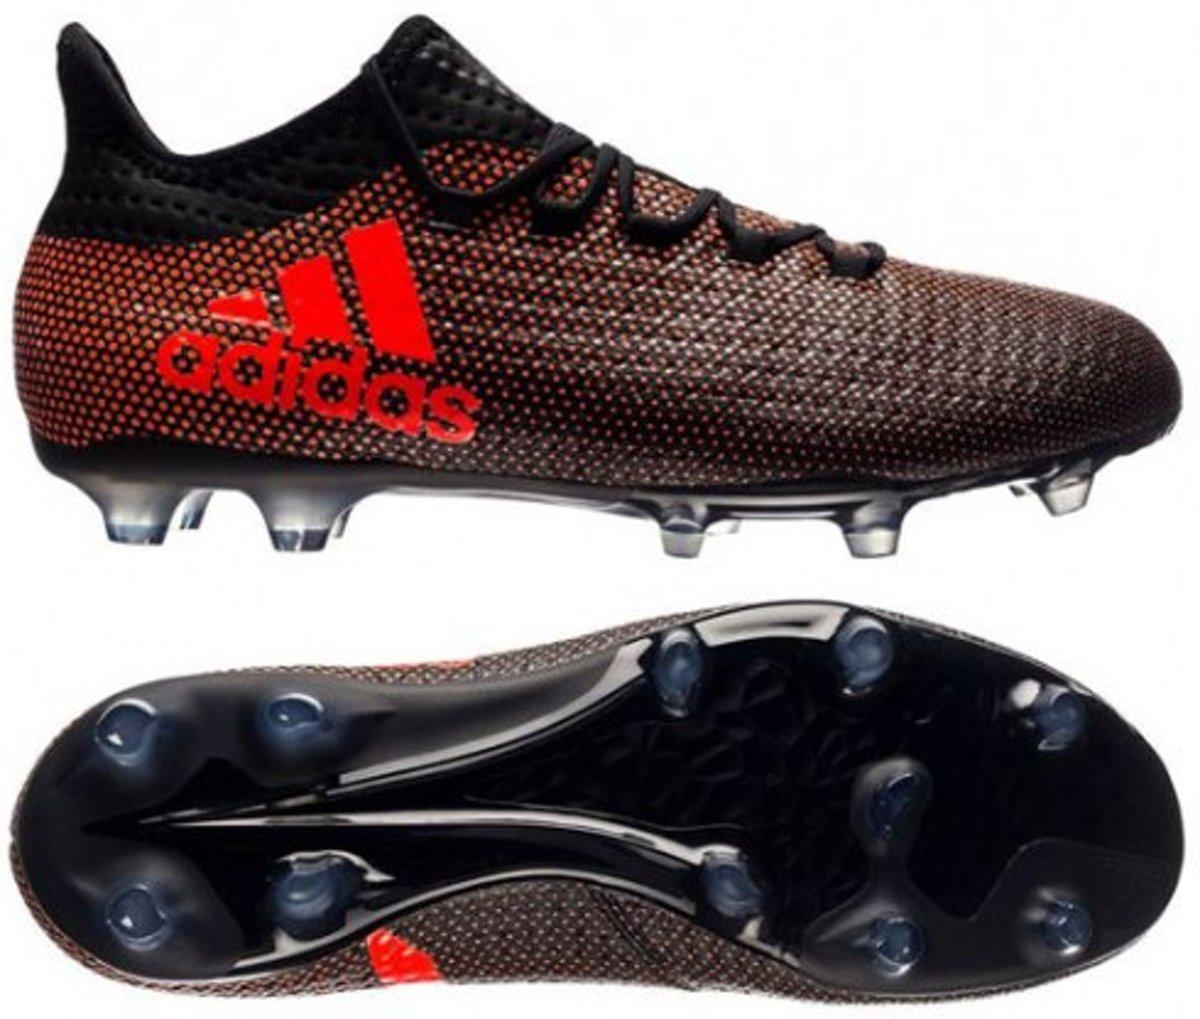   Adidas X 17.2 FG voetbalschoenen Mt 46 23